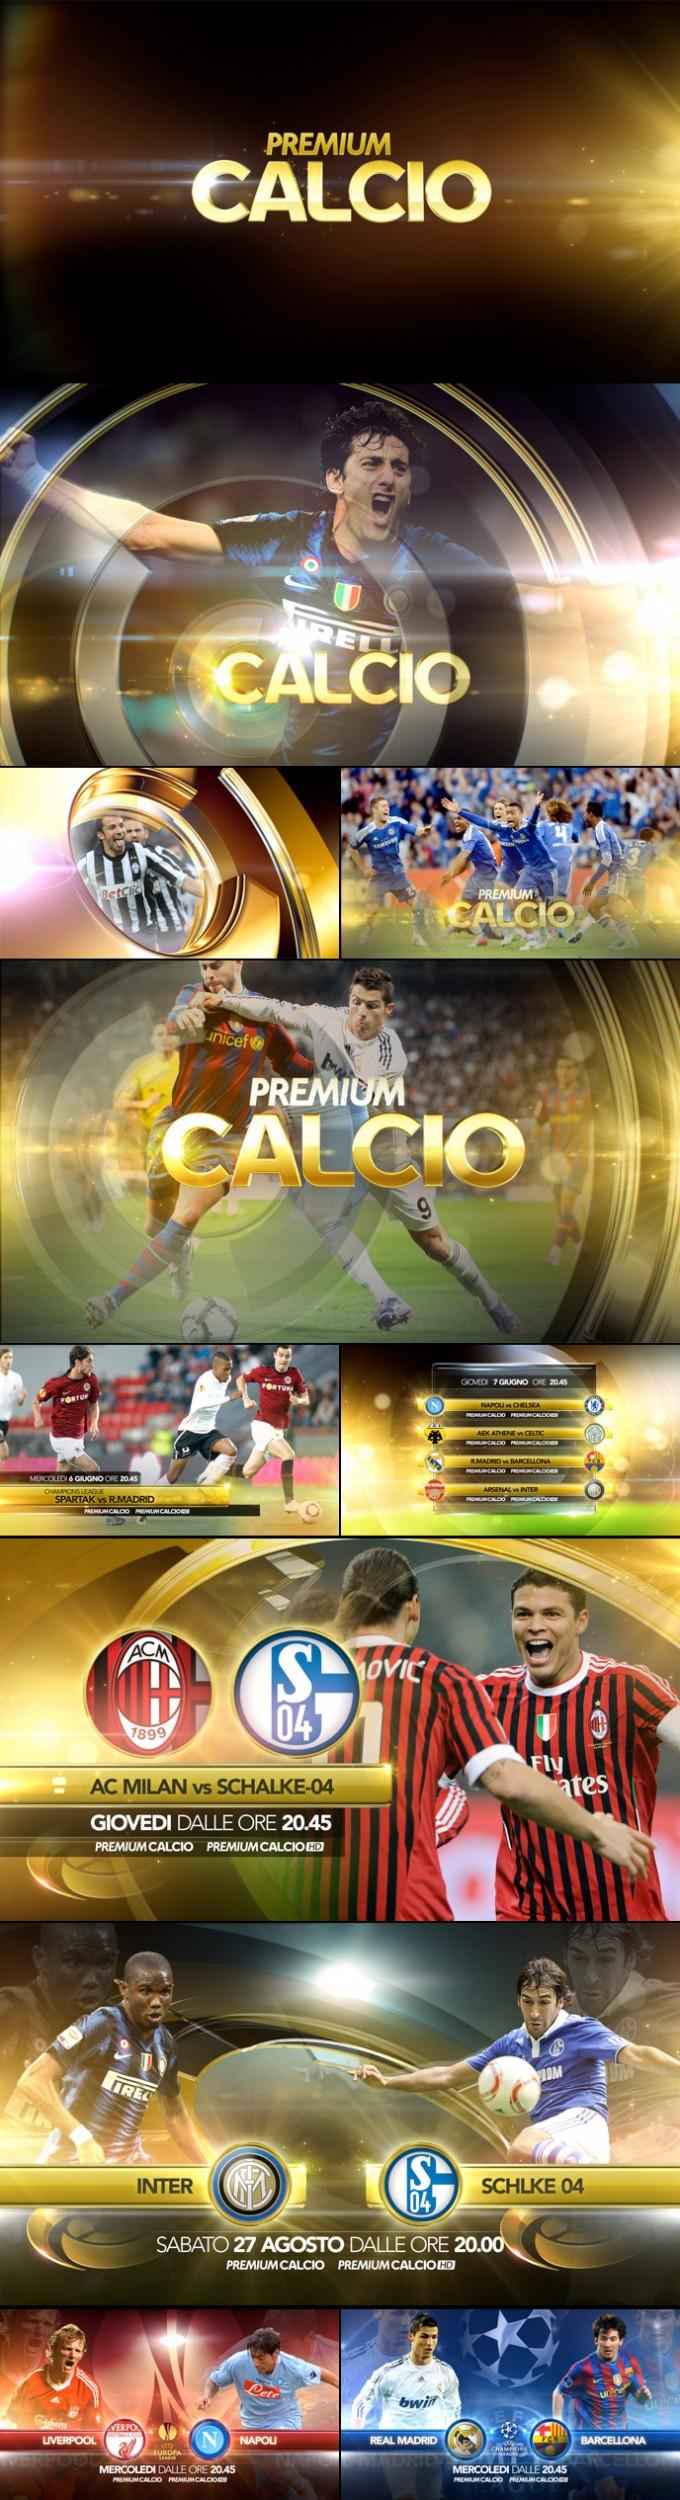 prcalcio-680x2500